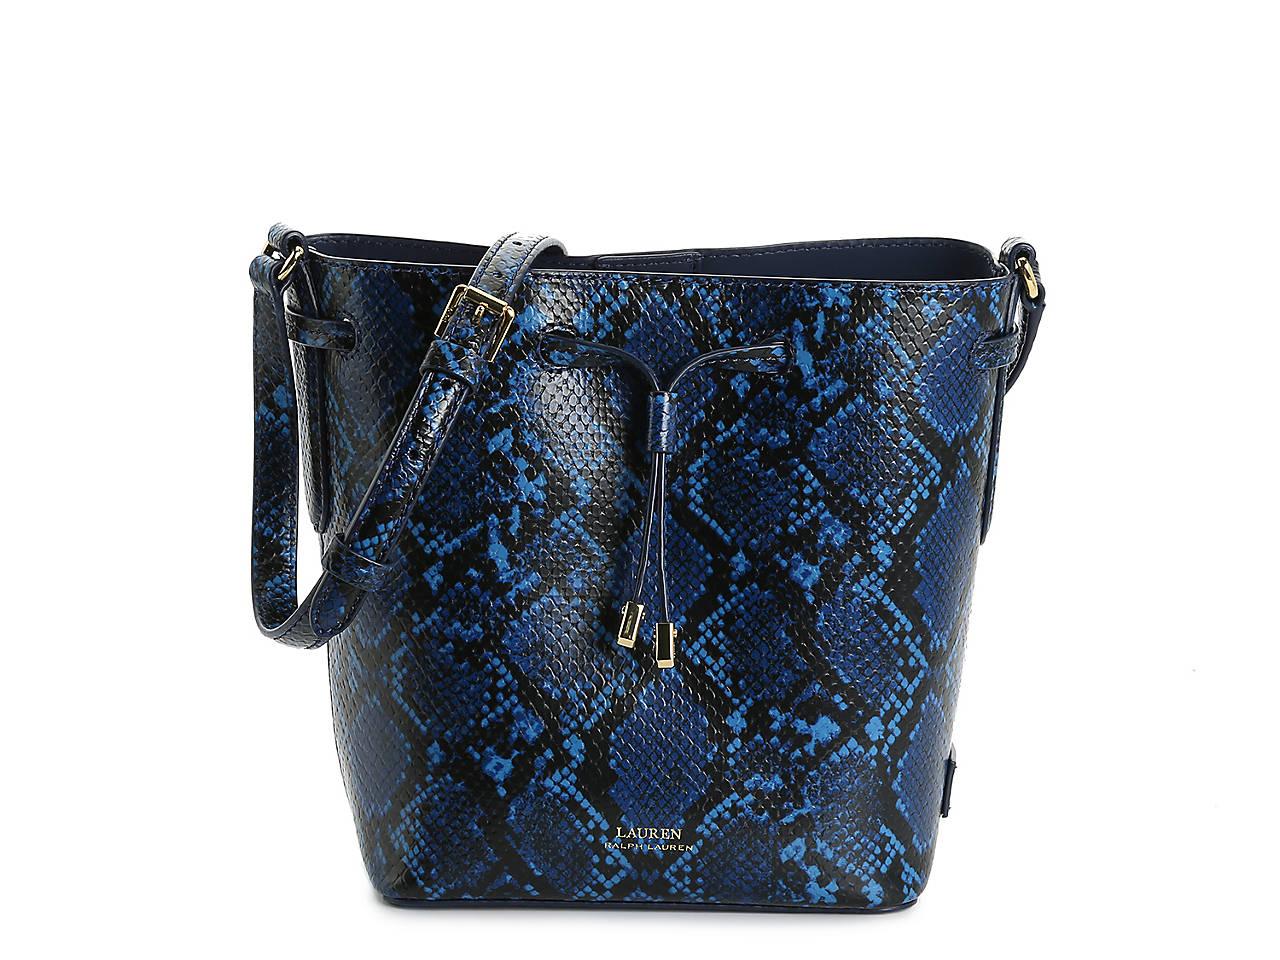 Lauren Ralph Lauren Dryden Derby II Leather Crossbody Bag Women s ... 2c6af14bcbd9c